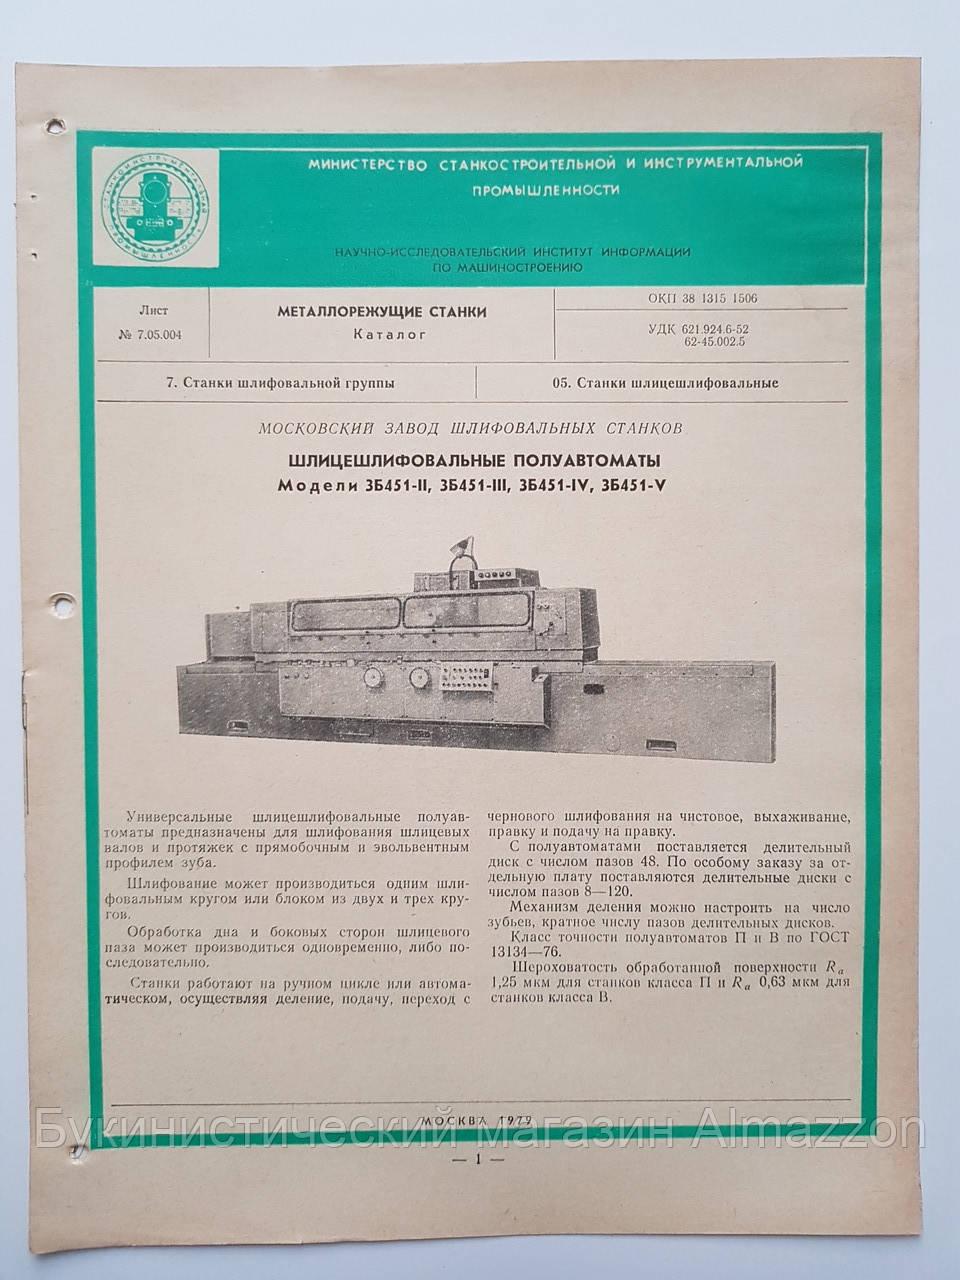 Журнал (Бюллетень) Шлицешлифовальные полуавтоматы 3Б451-ІІ, 3Б451-ІІІ, 3Б451-ІV, ЗБ451-V  7.05.004